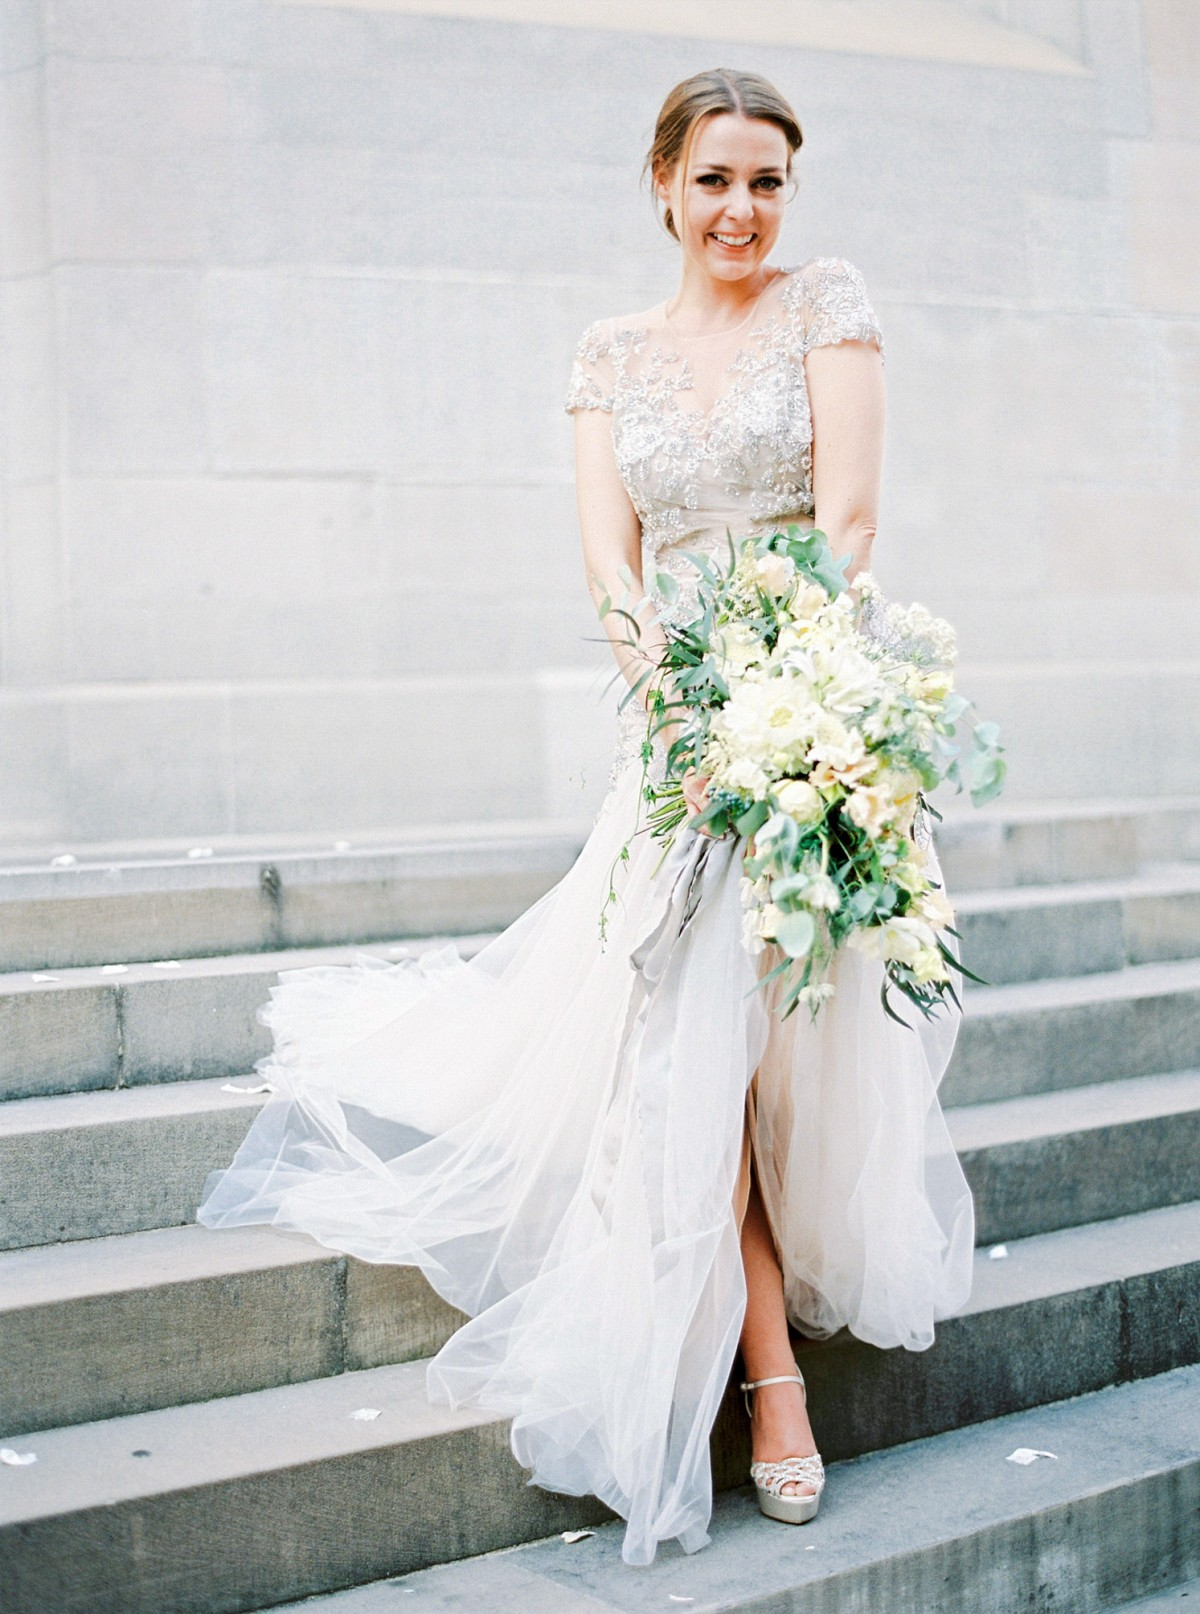 glamorous zurich wedding in an inbal dror gown mint wedding dress Glamorous Zurich Wedding in an Inbal Dror Gown